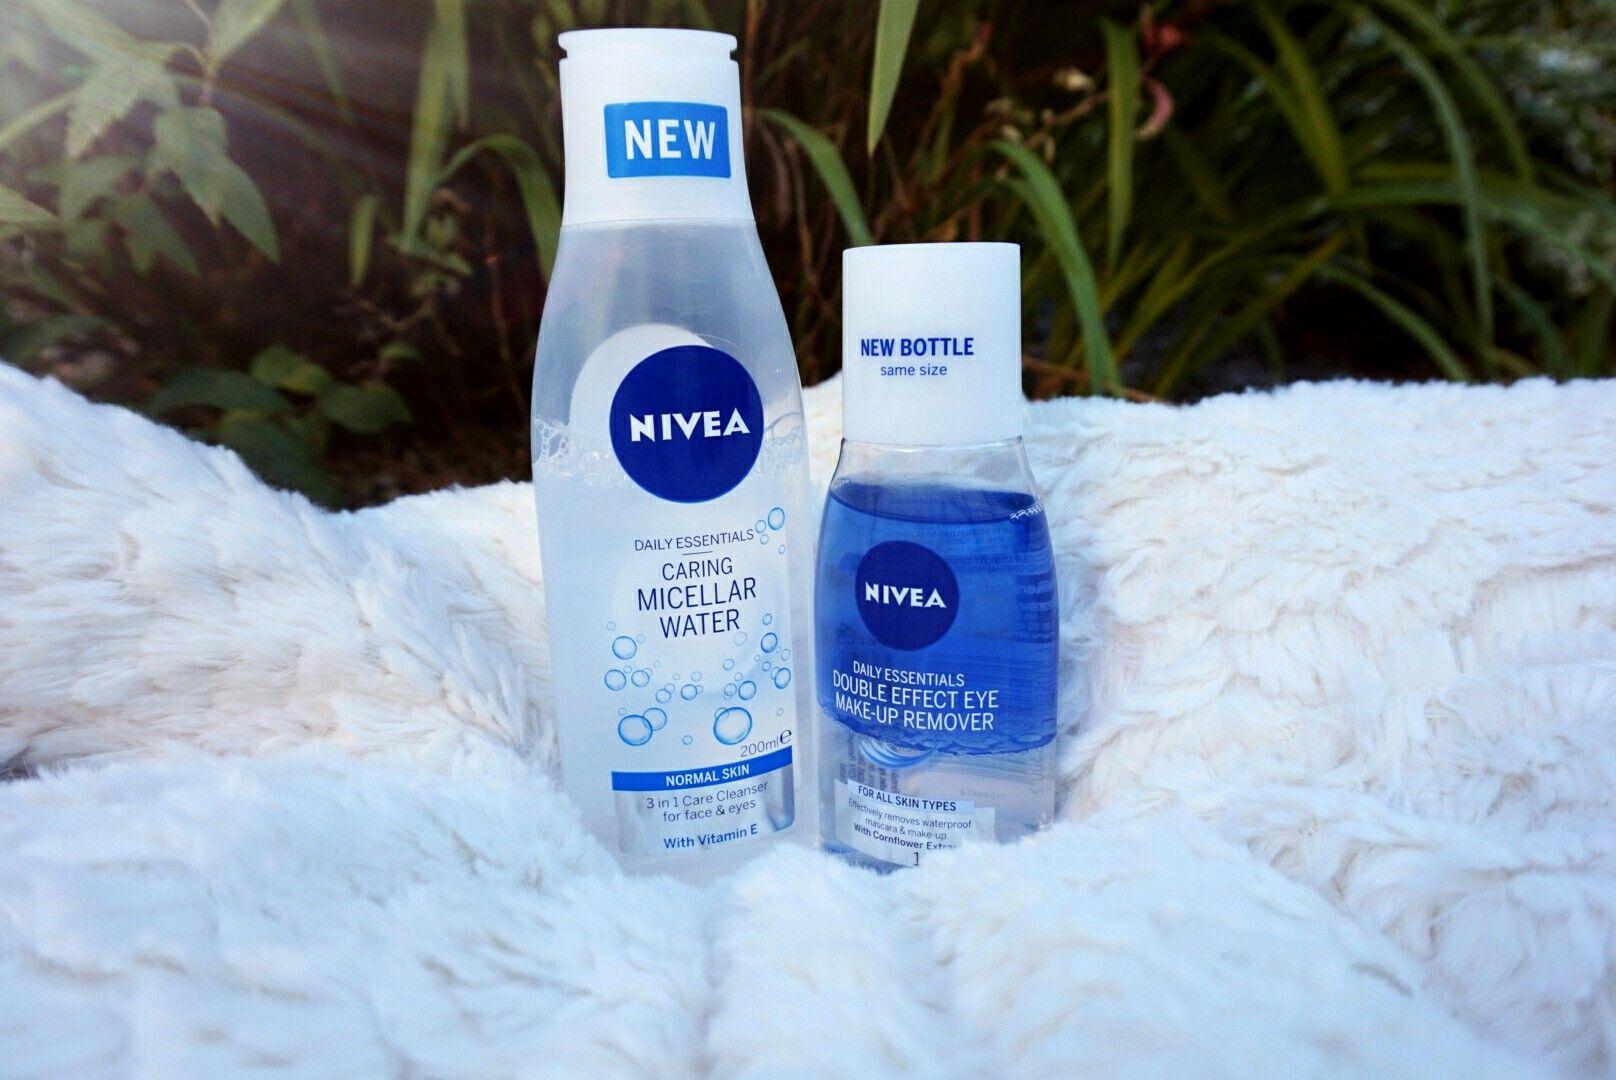 Nivea Micellar Water Review Micellar water, Micellar, Nivea